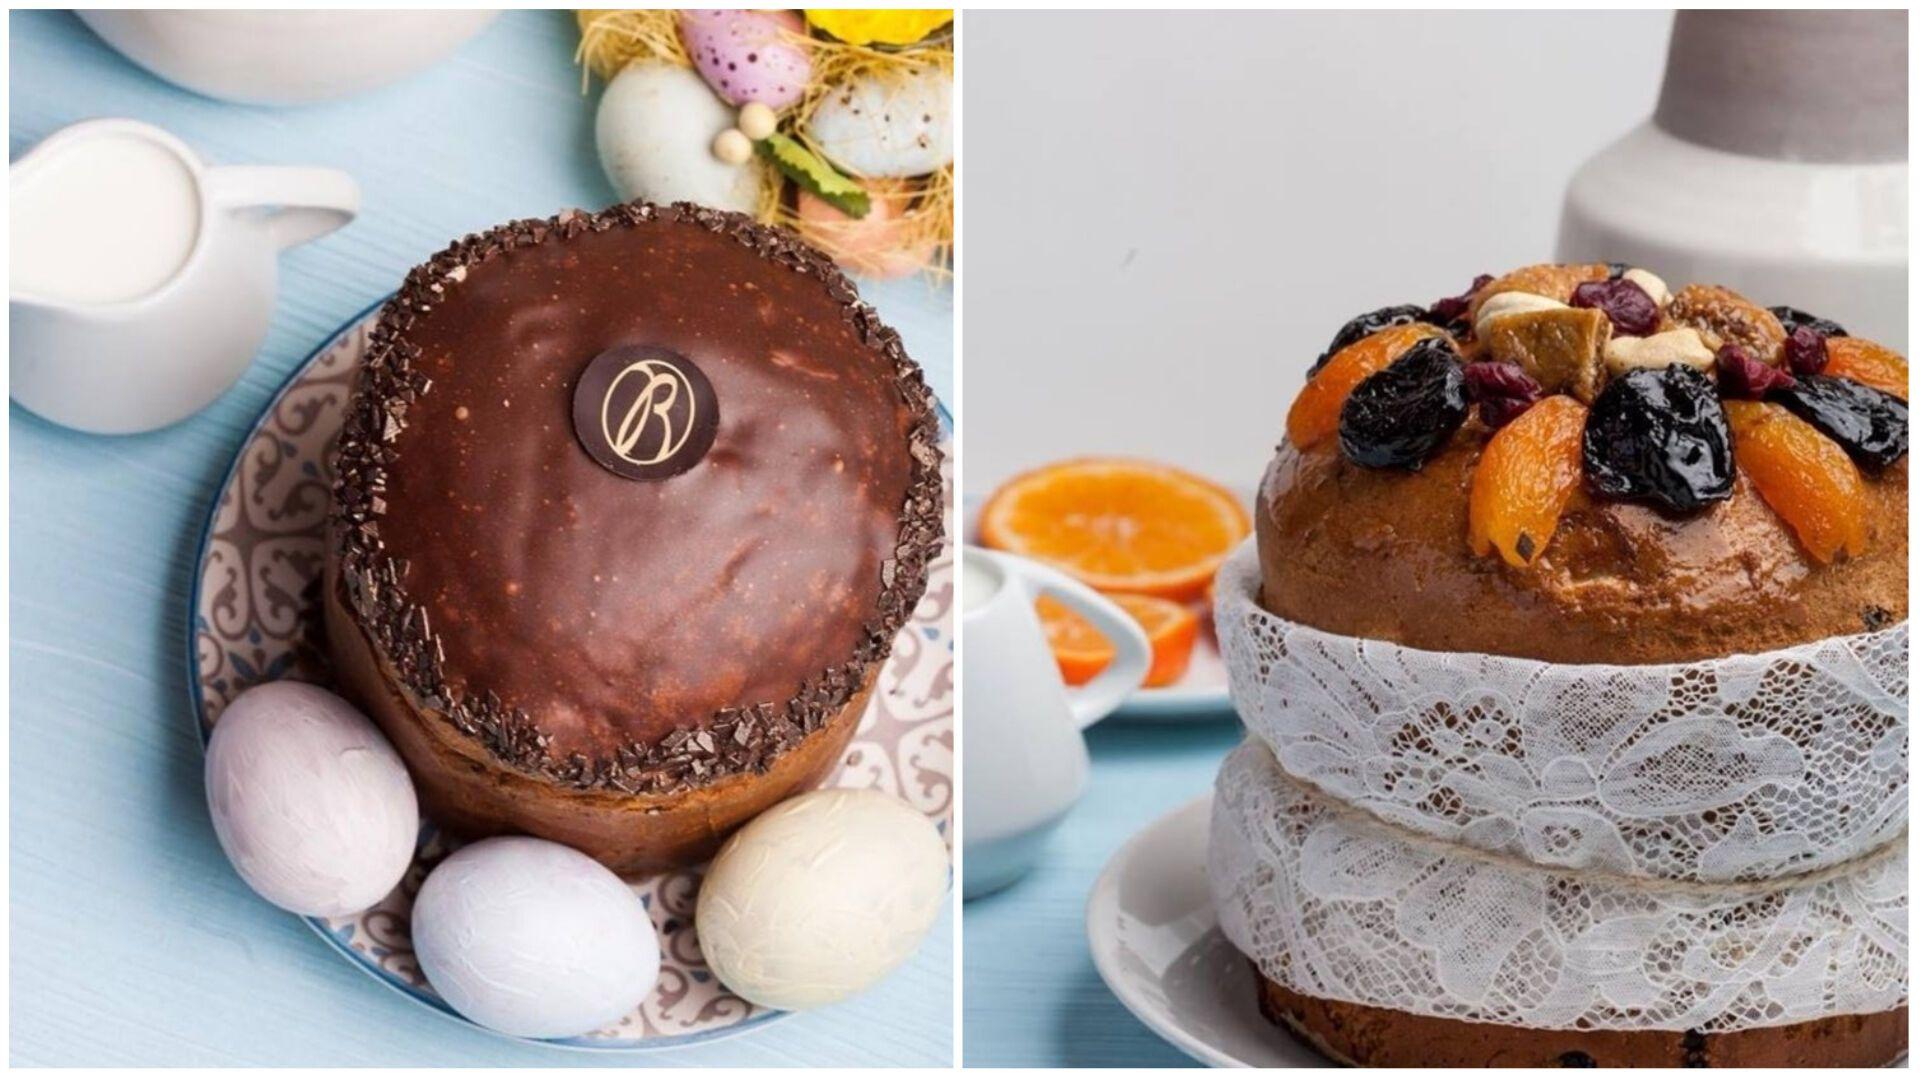 Випічка до Великодня: де купити в Києві